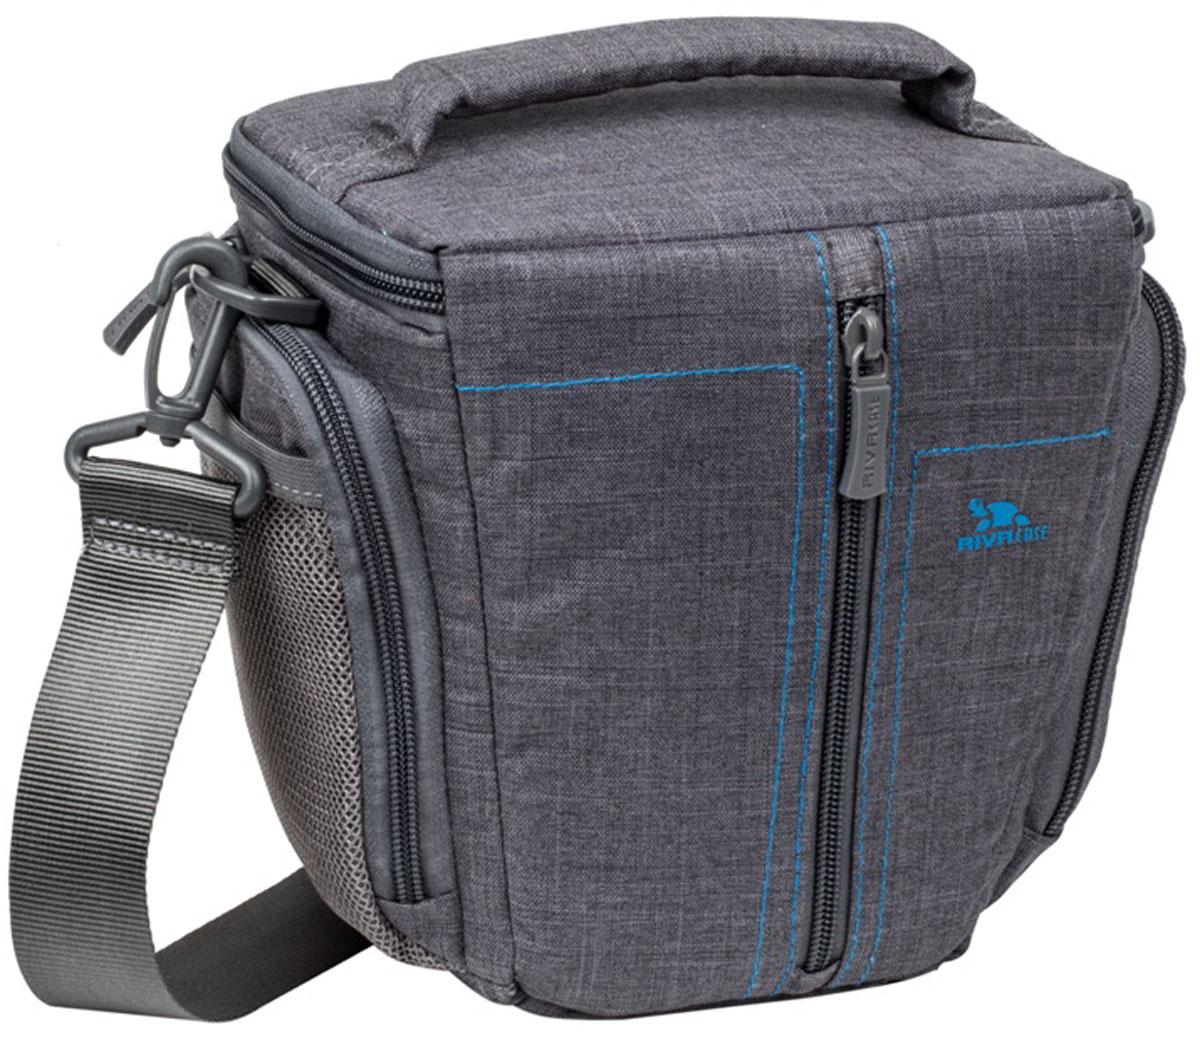 Riva 7501 SLR Canvas Case, Grey сумка для зеркальной фотокамеры6580Стильная сумка с контрастной синей подкладкой и чехлом от дождя Riva 7501 SLR Canvas Case для зеркальной фотокамеры с установленным объективом из высококачественной, водоотталкивающей ткани имеет верхний откидной клапан, который закрывается на молнию и обеспечивает быстрый доступ к фотокамере.Передний внешний карман на молнии служит для хранения аксессуаров, как и два внешних боковых кармана на молнии и дополнительный карман на задней стенке. Для переноски предусмотрены регулируемый наплечный ремень с мягкой накладкой и удобная ручка.